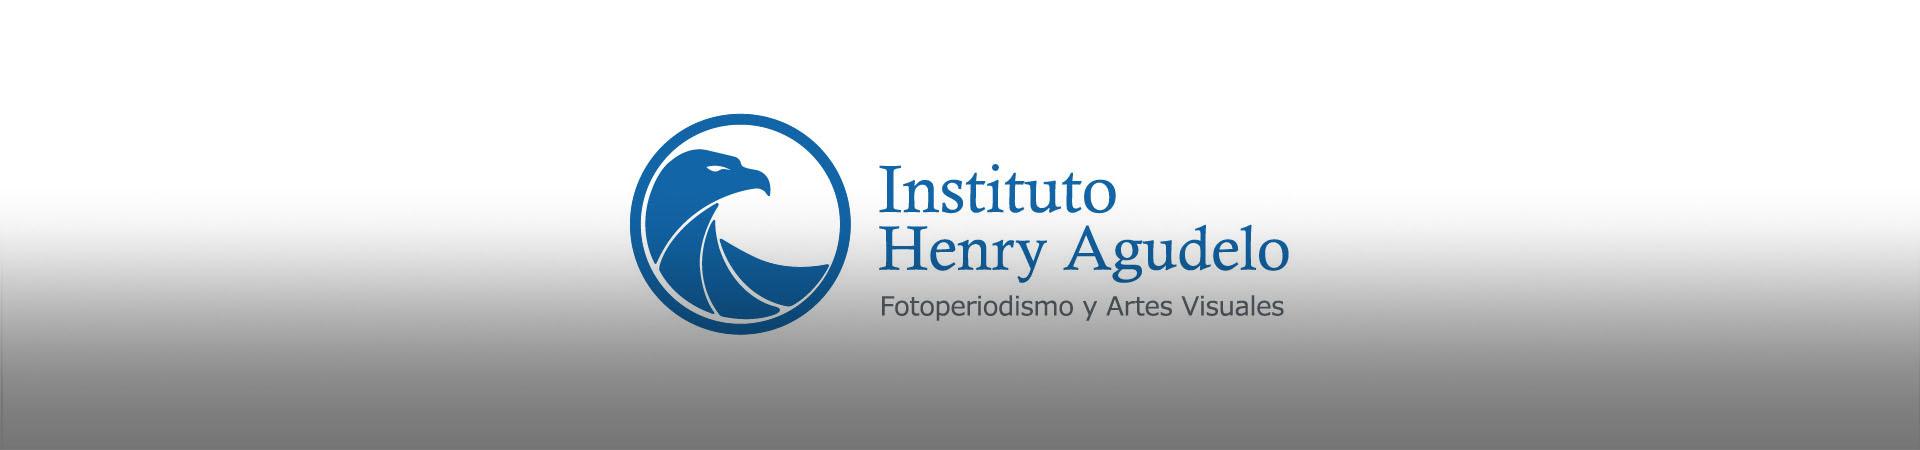 Instituto Henry Agudelo